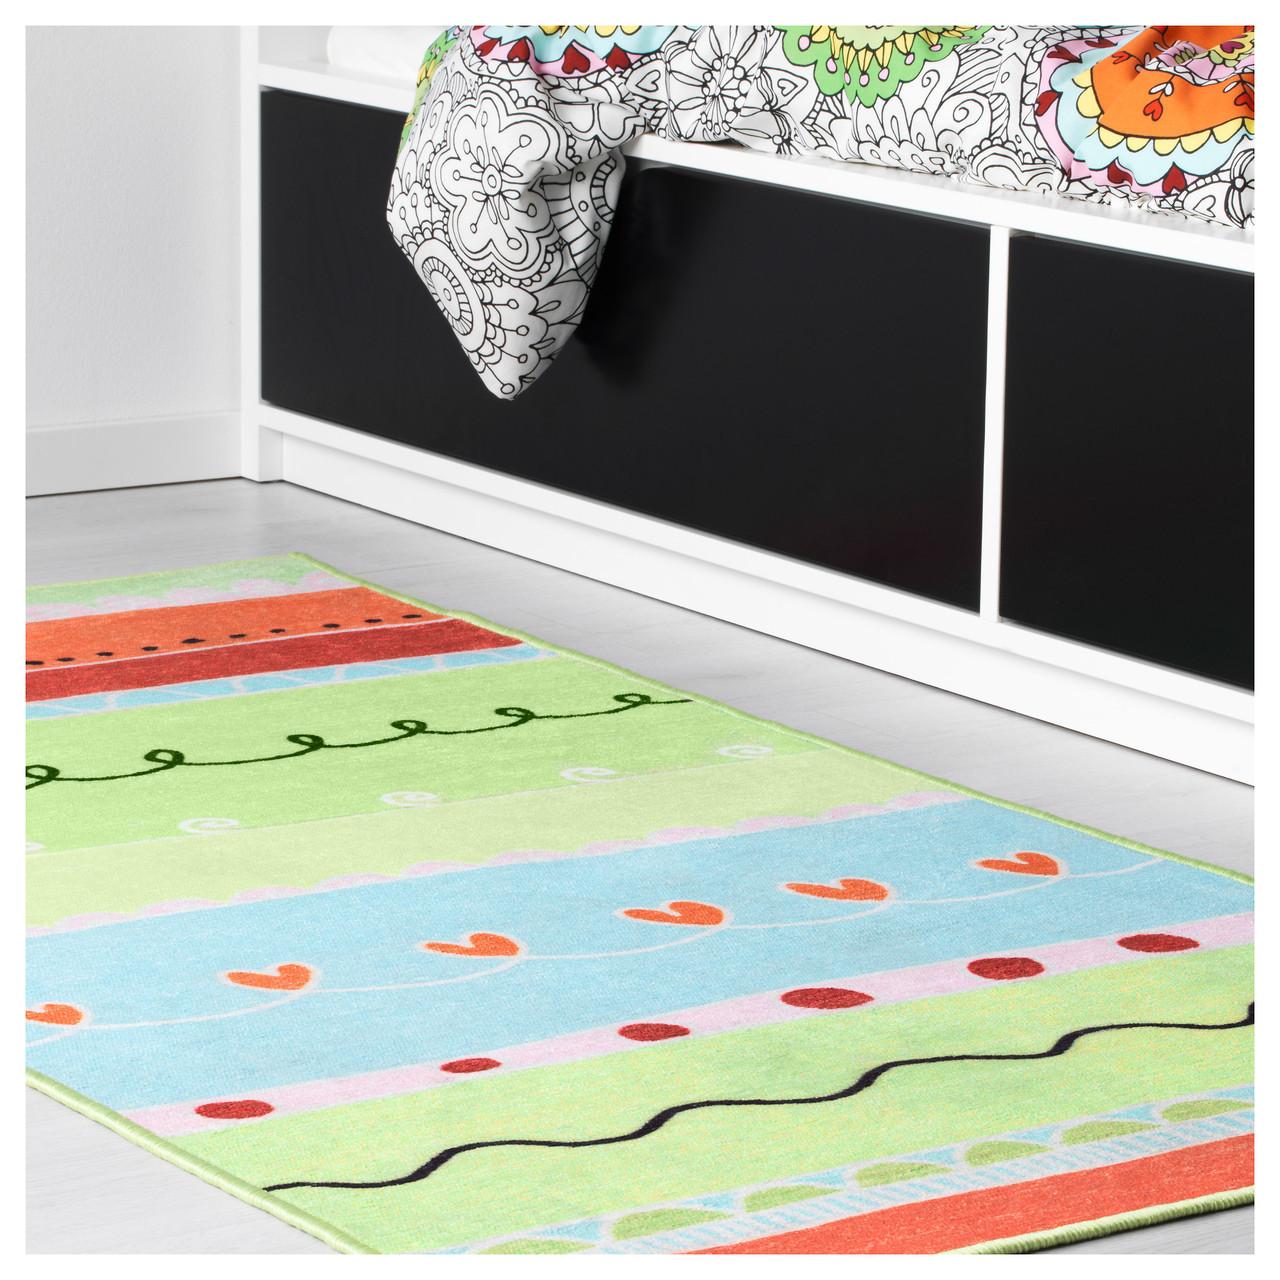 ВАНСКАПЛИГ Килим, різнобарвний, 80x160 см, 40332719, IKEA, ІКЕА, VÄNSKAPLIG